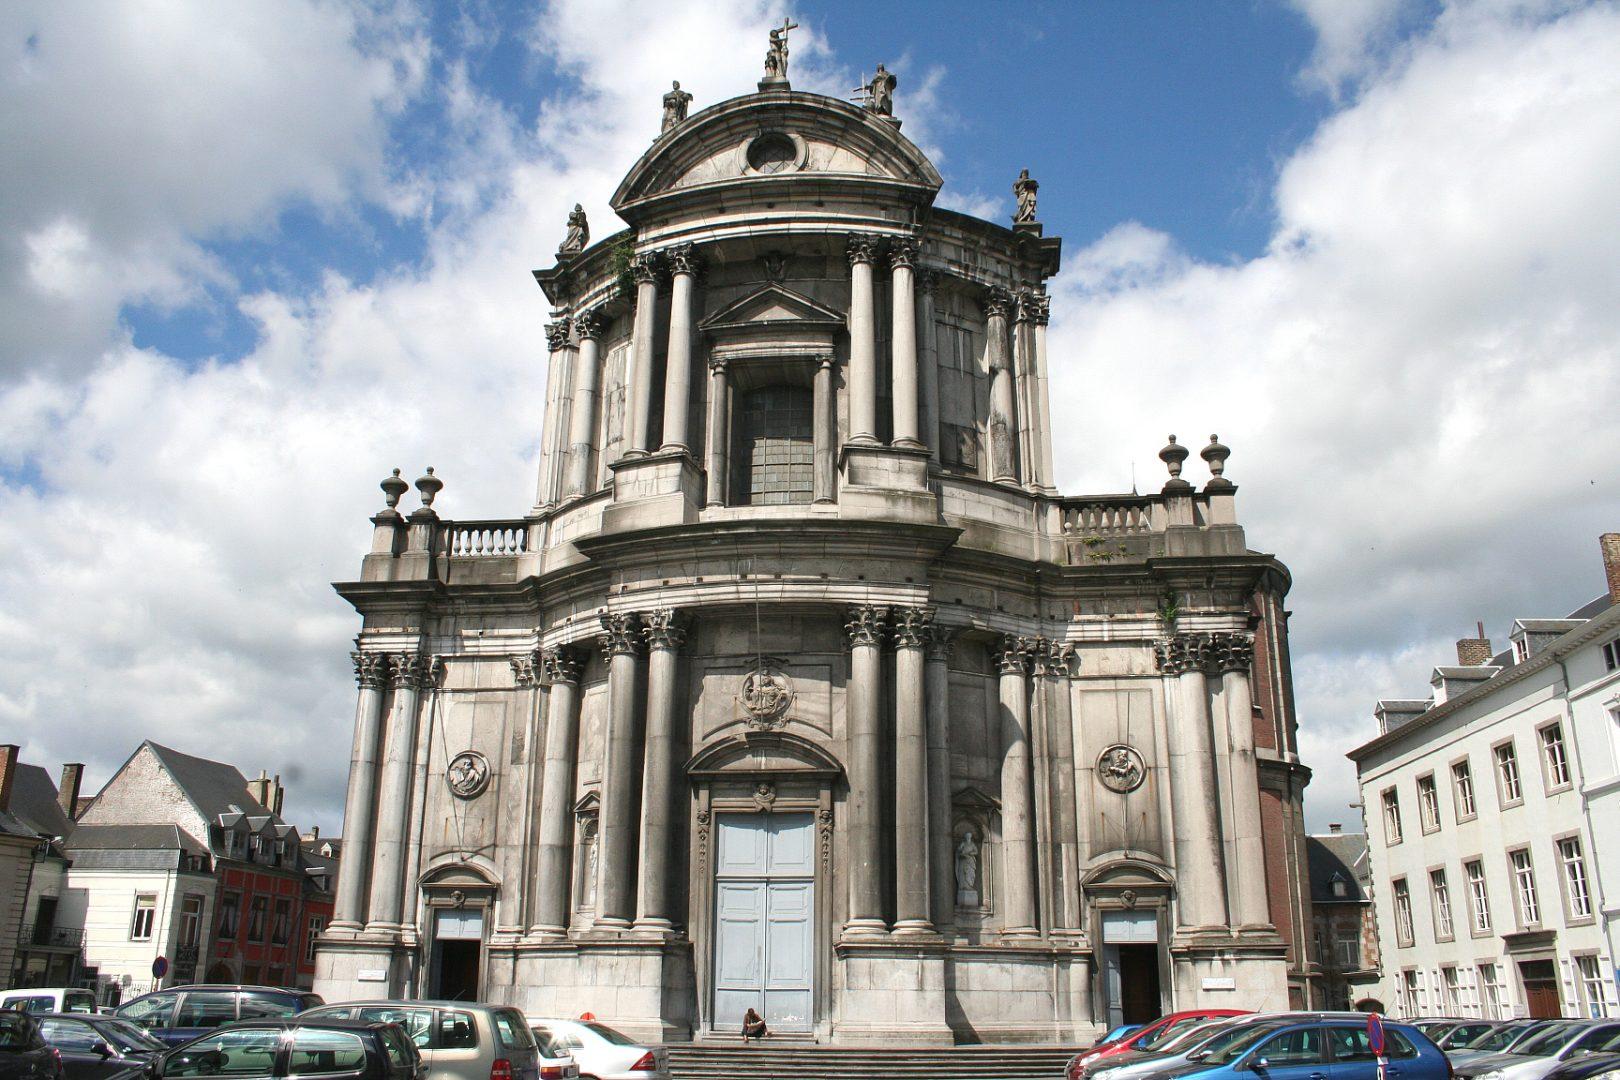 St. Aubin Cathedral, Namur, Belgium